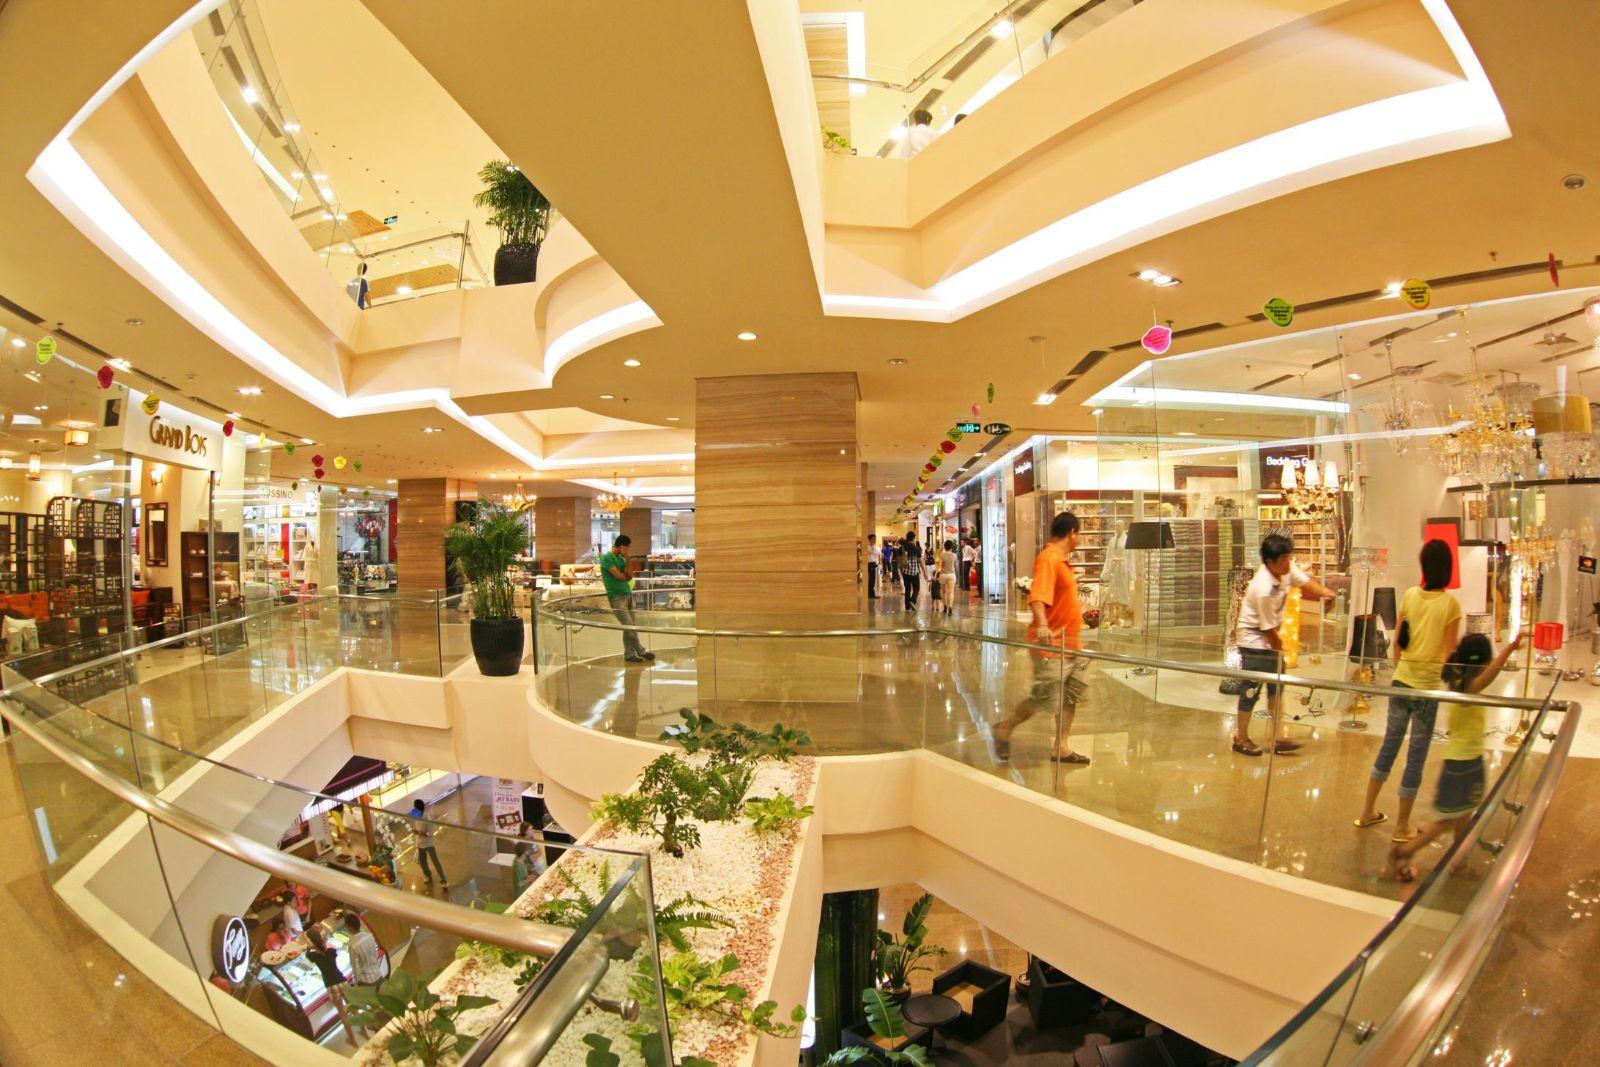 Nghịch lý: Người Việt mê hàng hiệu mà hàng loạt trung tâm mua sắm vẫn đìu hiu